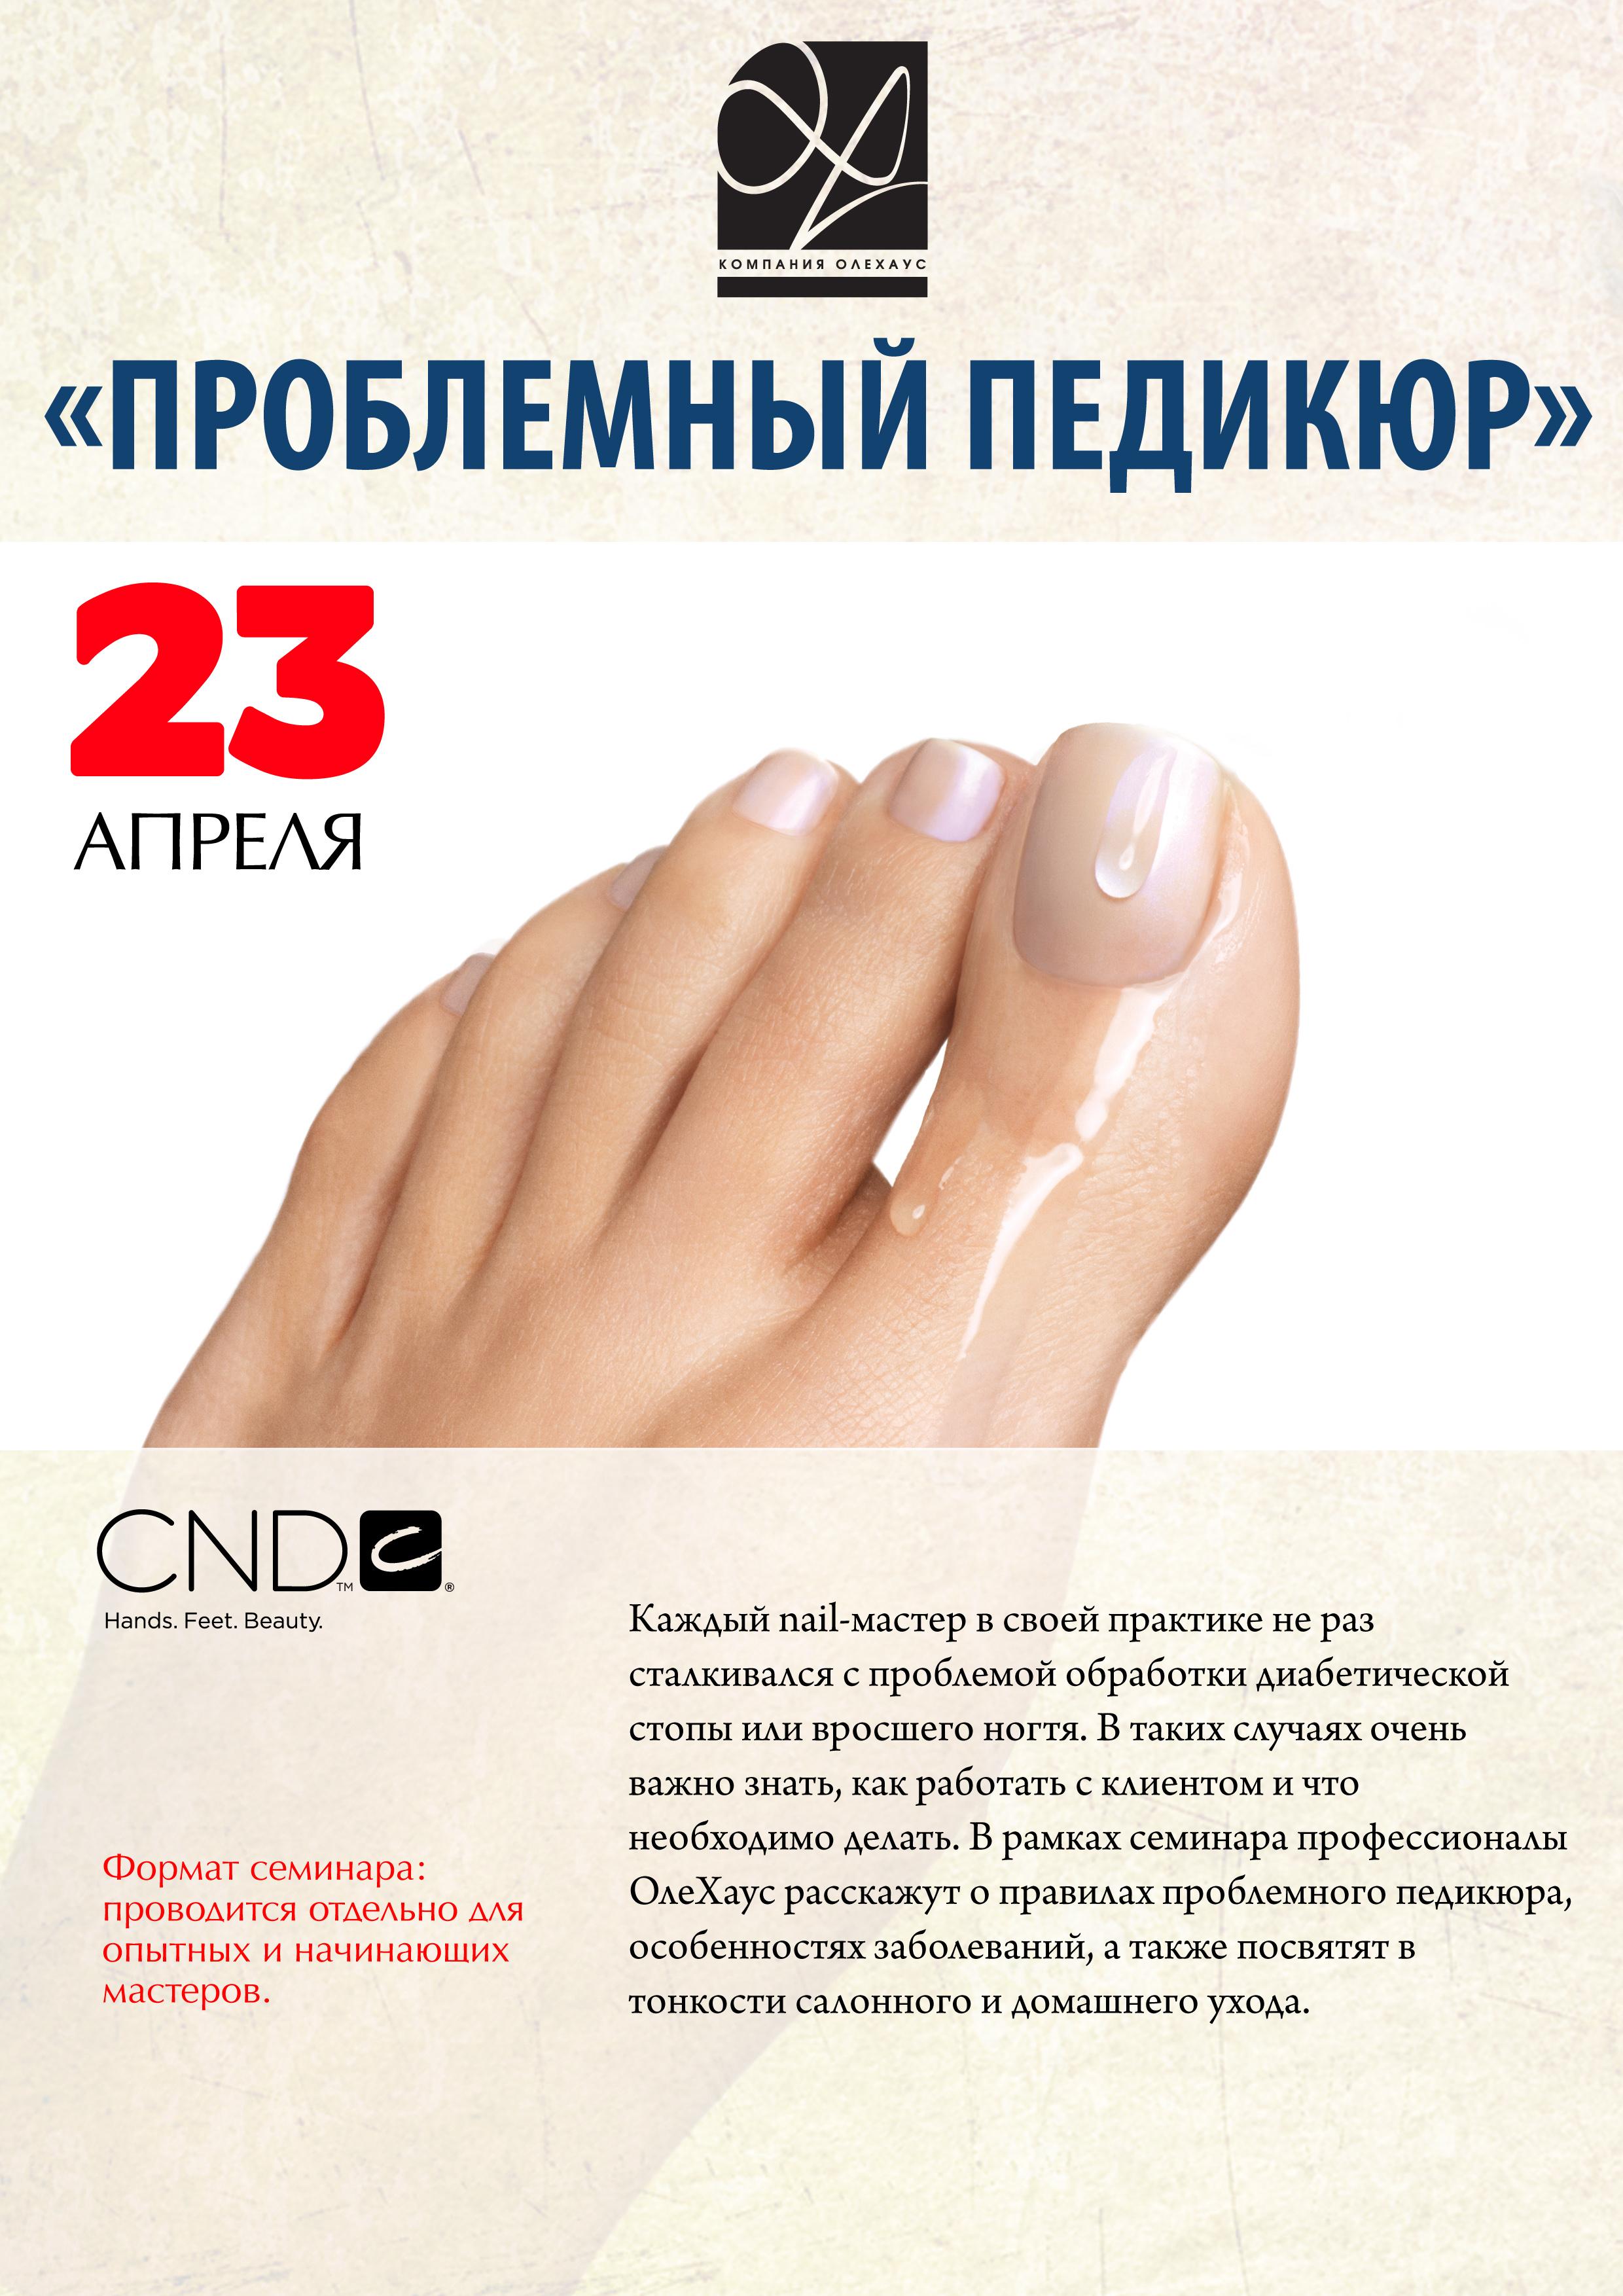 Проблемные ногти при педикюре